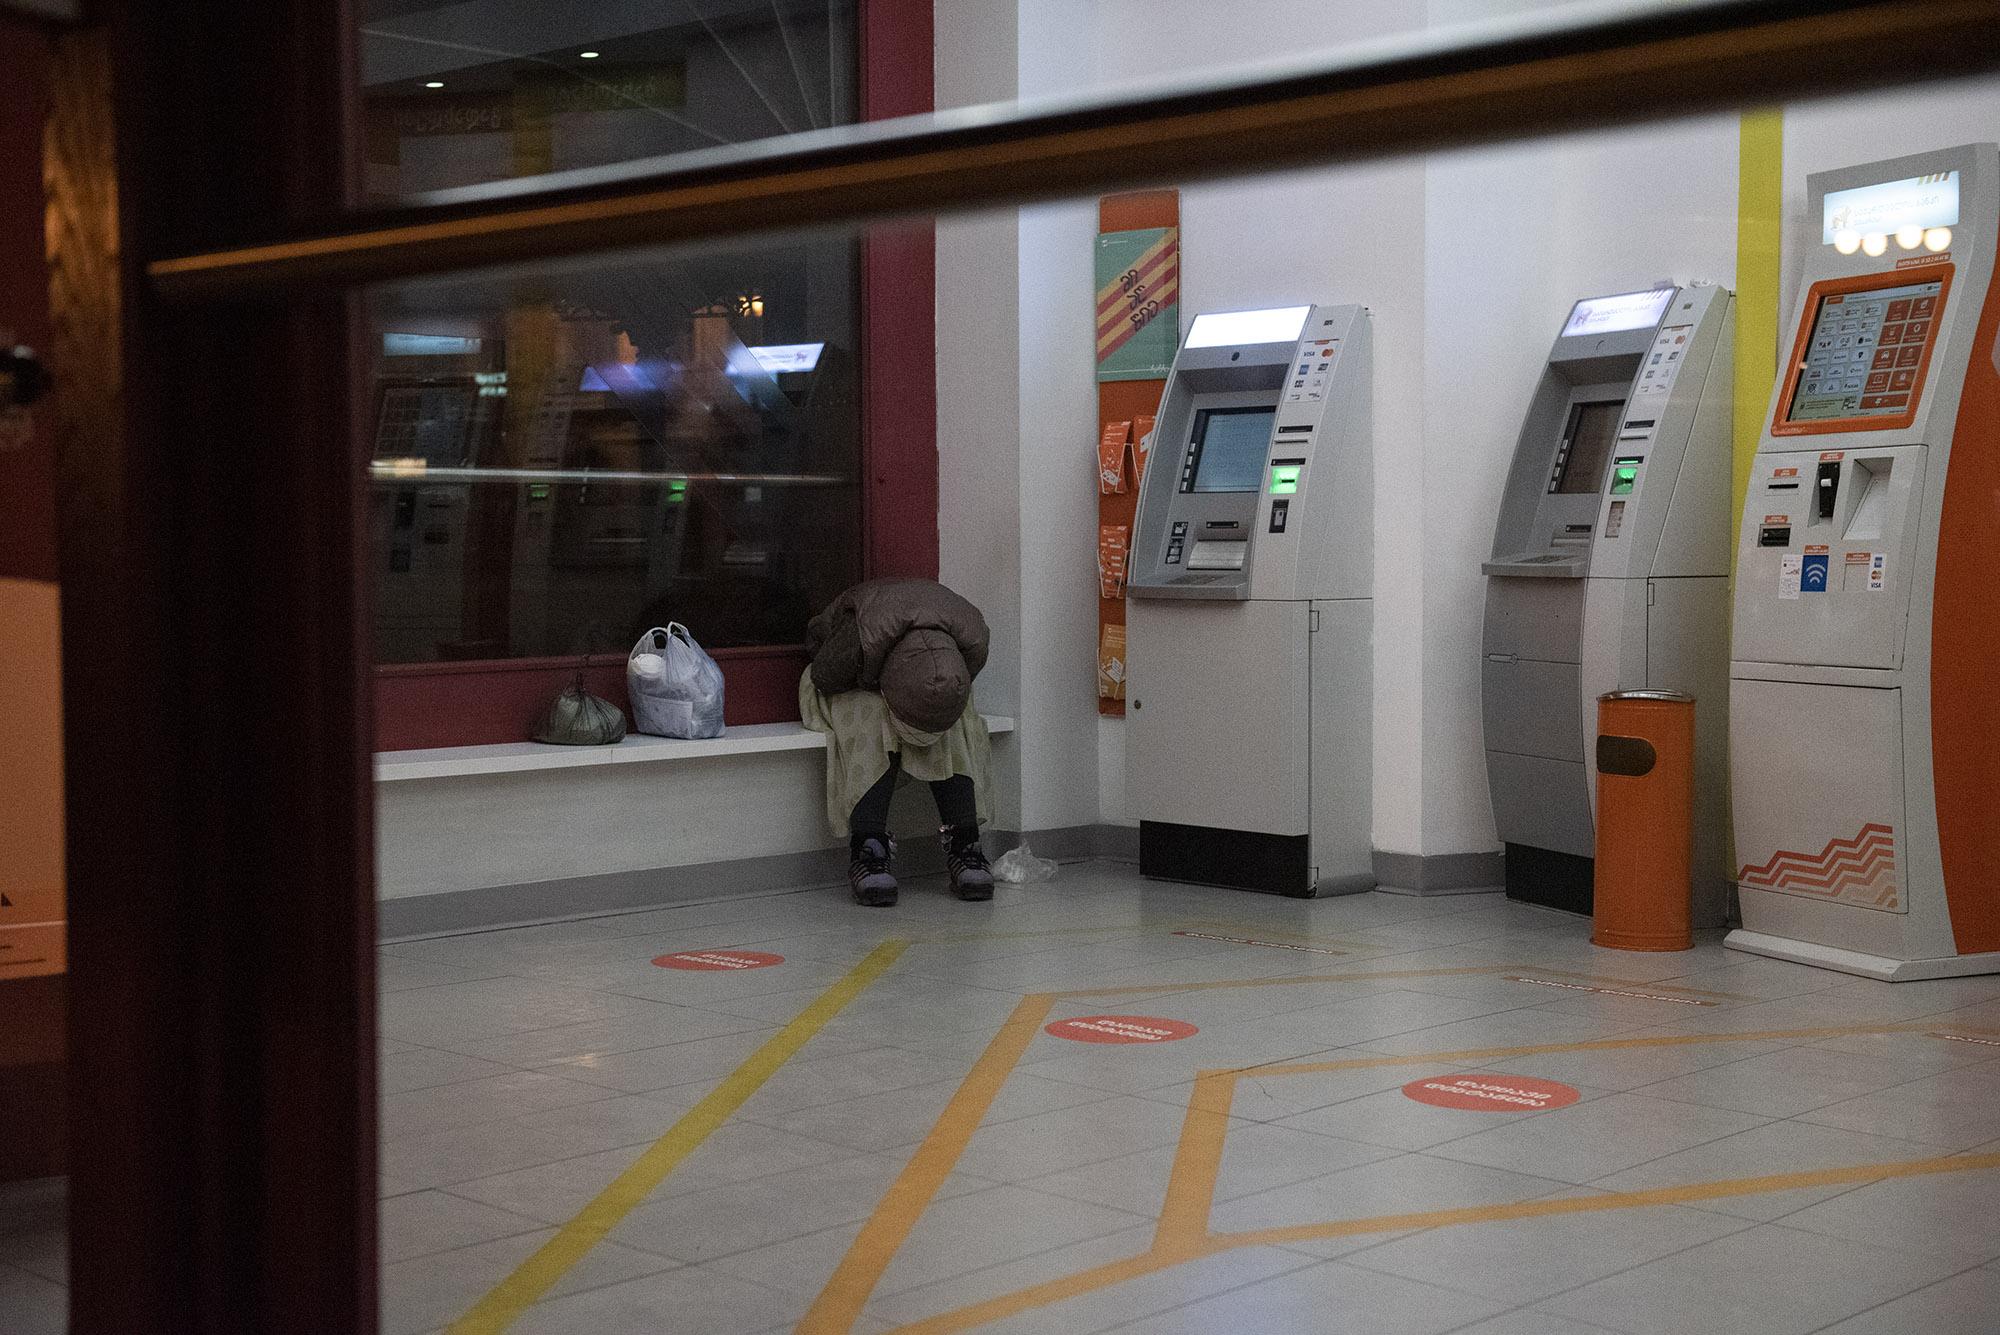 Женщина спит в отделении банкоматов Банка Грузии. Фото: Мариам Никурадзе/OC Media.